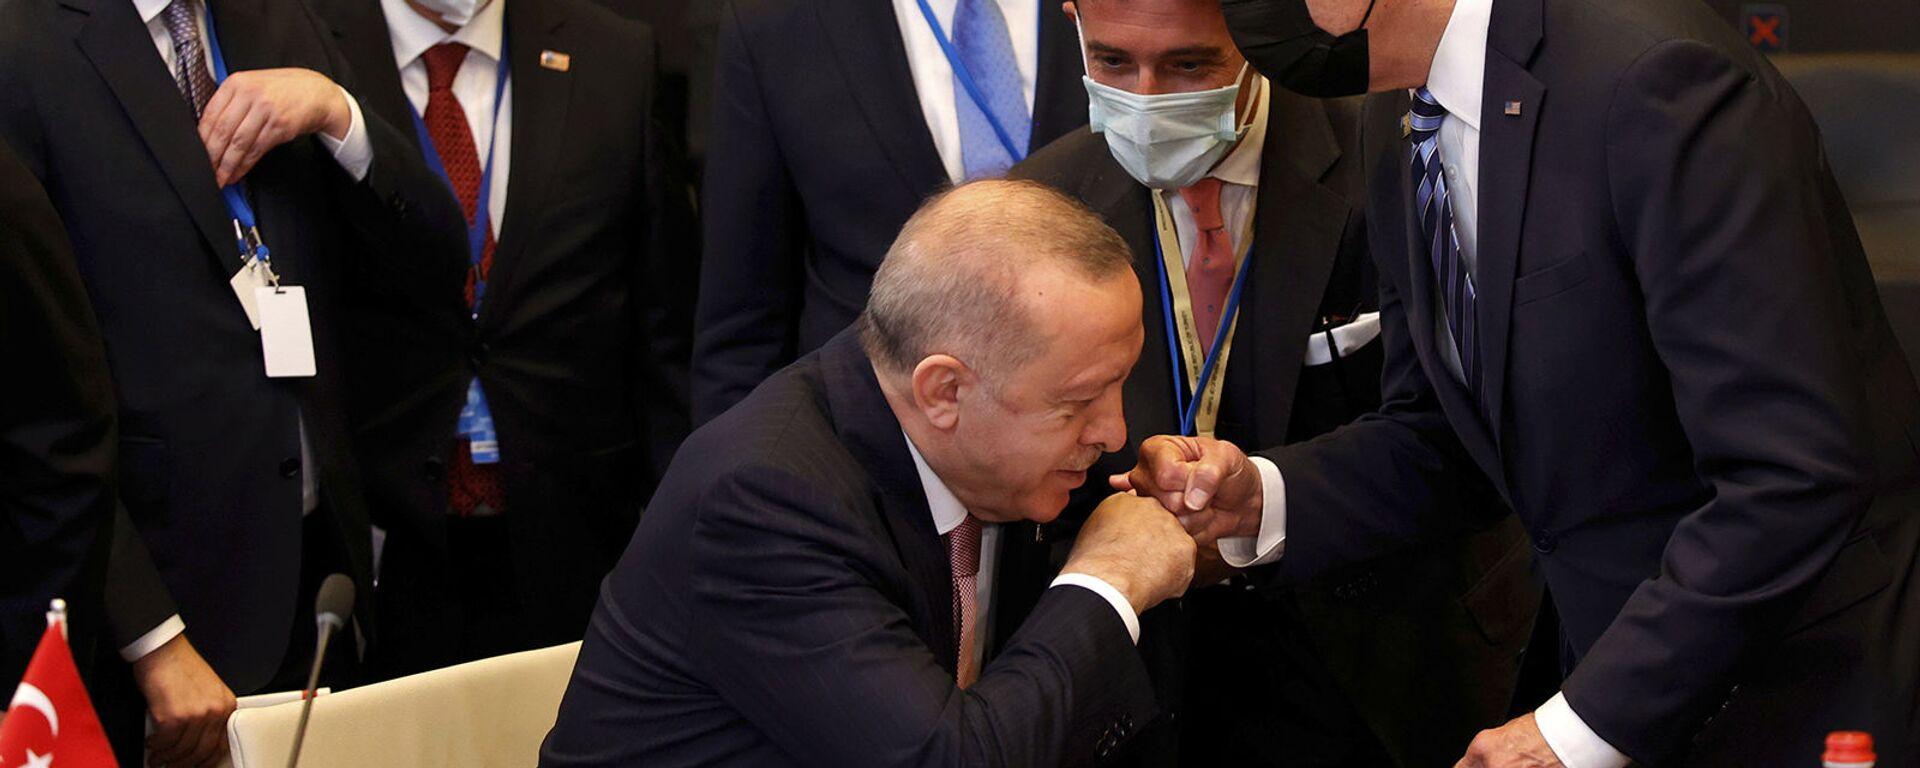 Президент Турции Реджеп Тайип Эрдоган здоровается с президентом США Джо Байденом во время пленарного заседания саммита НАТО в Брюсселе (14 июня 2021). Бельгия - Sputnik Արմենիա, 1920, 14.06.2021